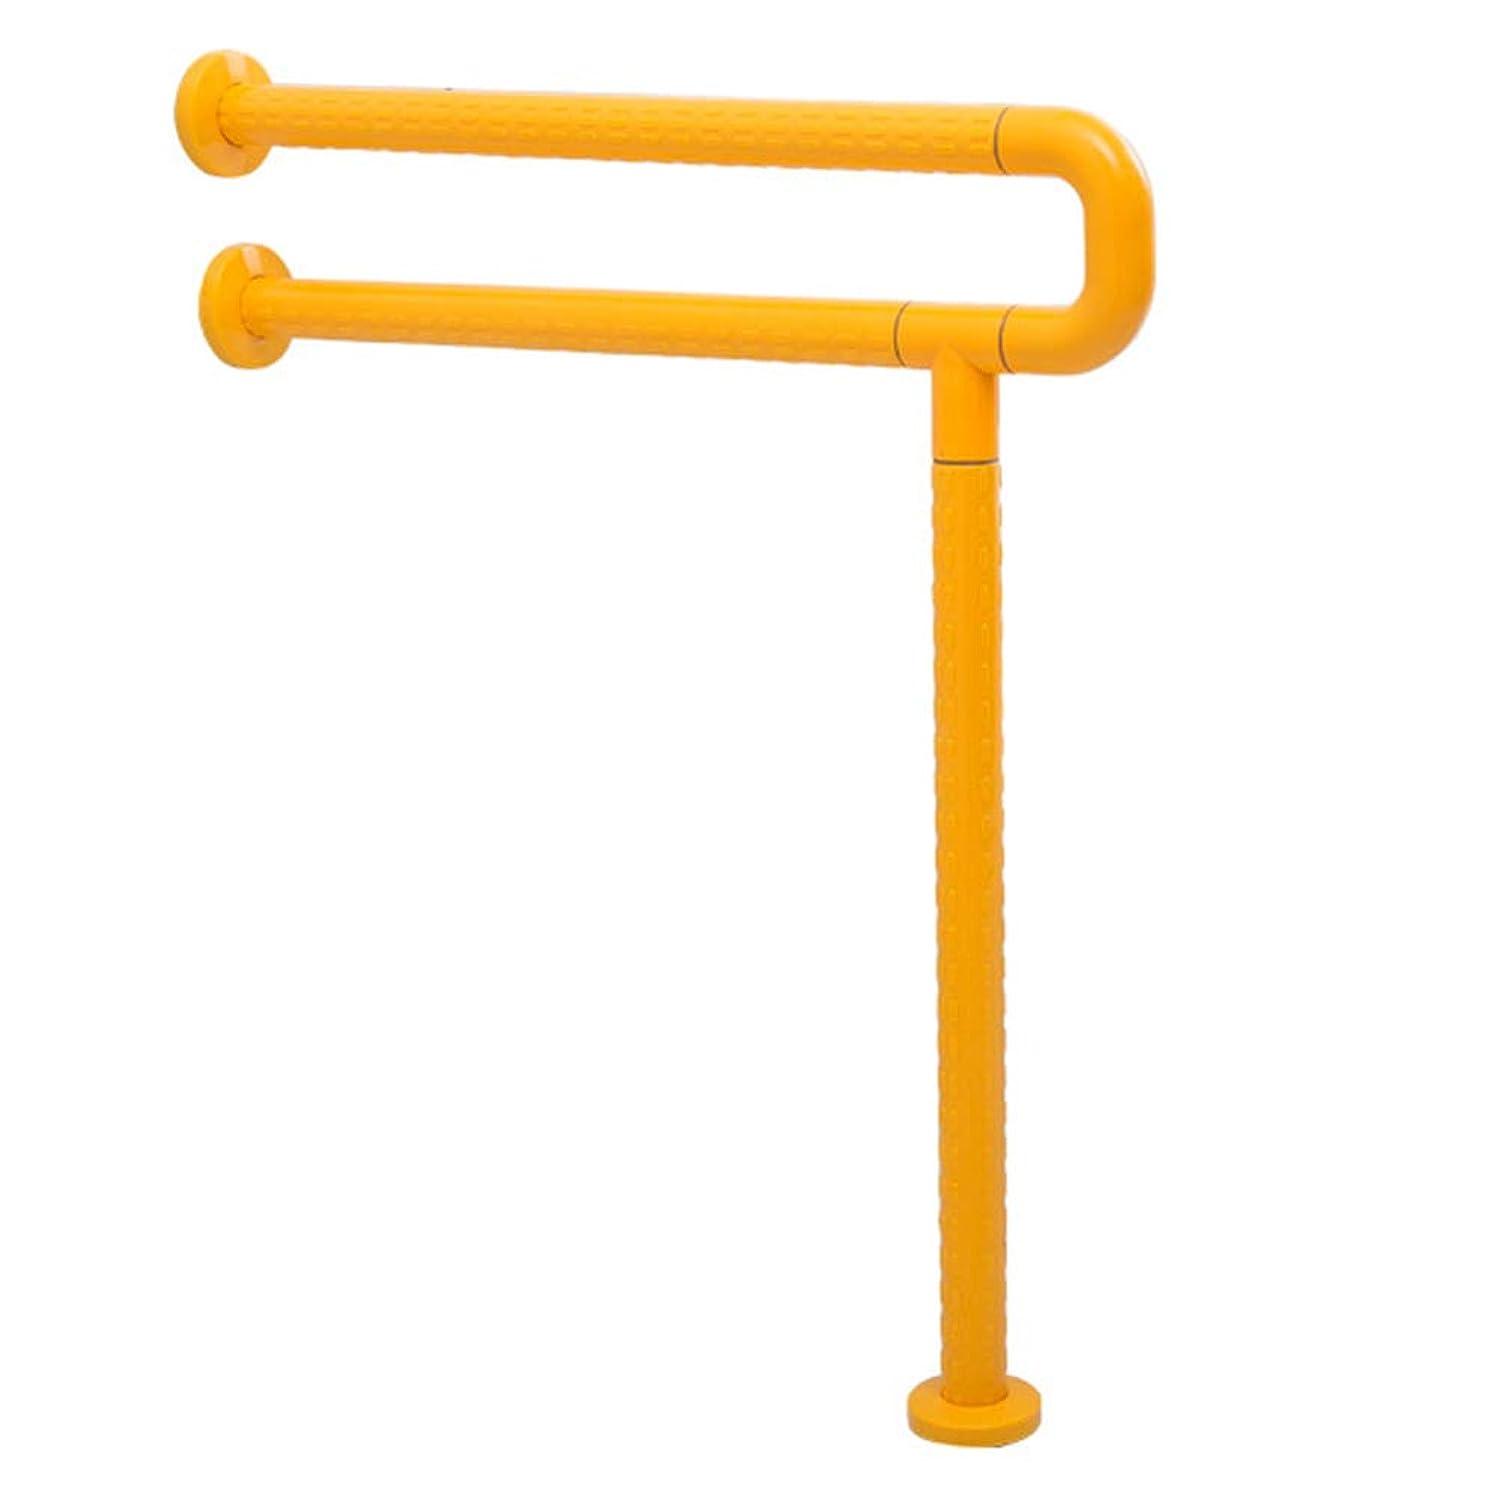 アロング無限大受けるLDJIANJUN バリアフリー手すりステンレススチールアンチスリップ反落下防止ナイトライトデザイン (Color : Yellow, Size : 600*700mm)